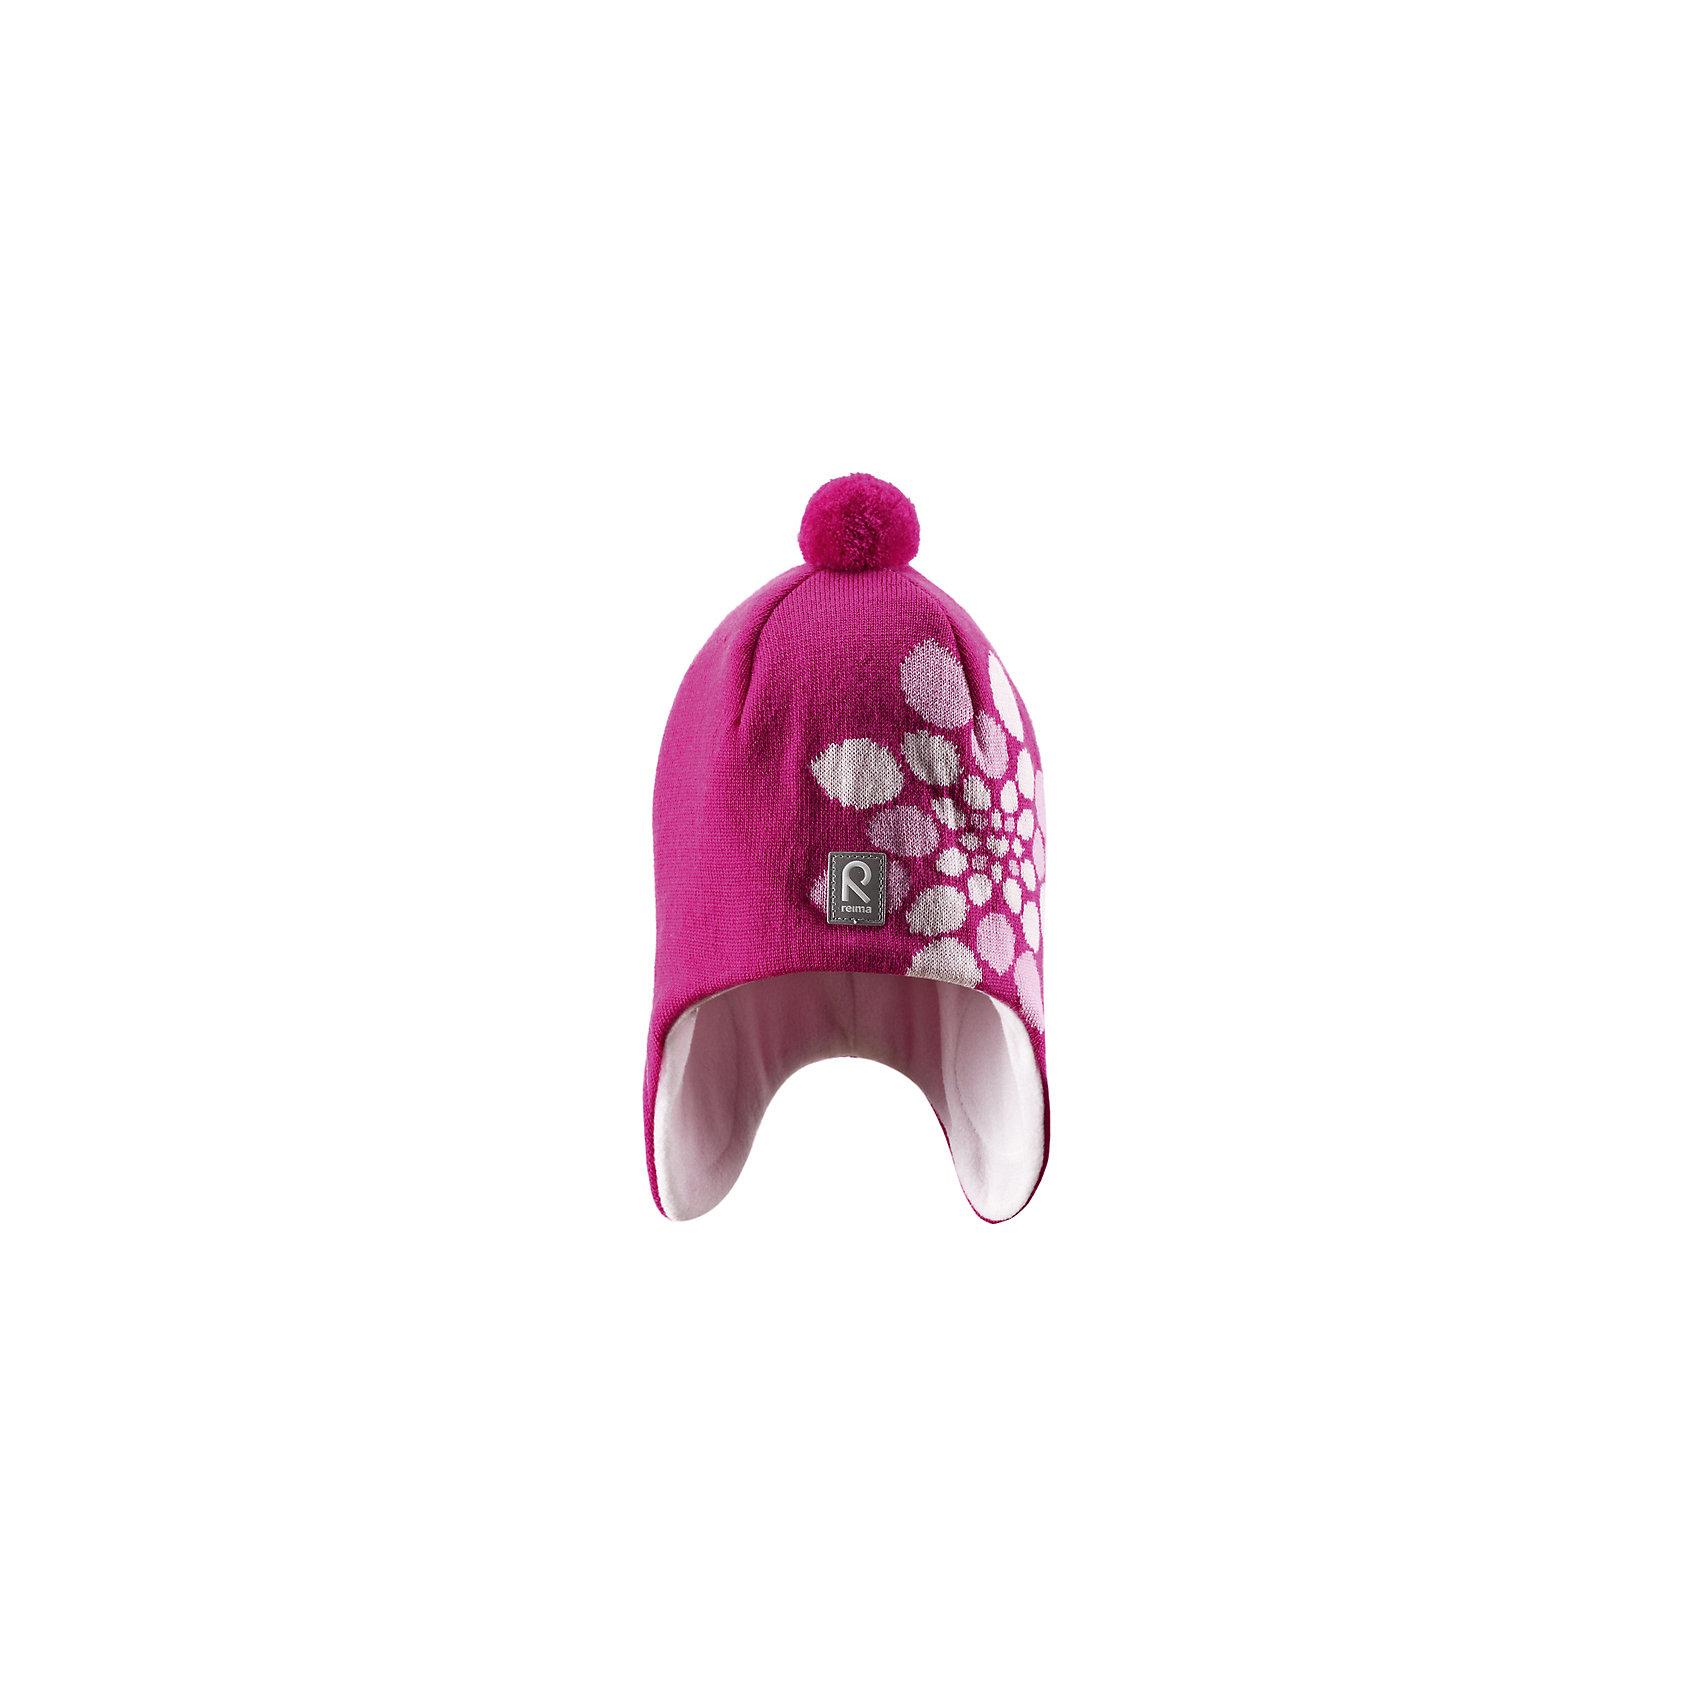 Шапка для девочки ReimaЭта красивая шапочка с цветочным рисунком отлично защитит лоб и шею. Теплая флисовая подкладка.<br><br>Дополнительная информация:<br><br>Состав: 100% Шерсть<br><br>Особенности:<br>подкладка: 100% флис<br>узор с цветами<br>ветронепроницаемые вставки в области ушей<br><br>Шапку для девочки Reima (Рейма) можно купить в нашем магазине.<br><br>Ширина мм: 89<br>Глубина мм: 117<br>Высота мм: 44<br>Вес г: 155<br>Цвет: розовый<br>Возраст от месяцев: 72<br>Возраст до месяцев: 84<br>Пол: Женский<br>Возраст: Детский<br>Размер: 54,56,52,50<br>SKU: 3925284